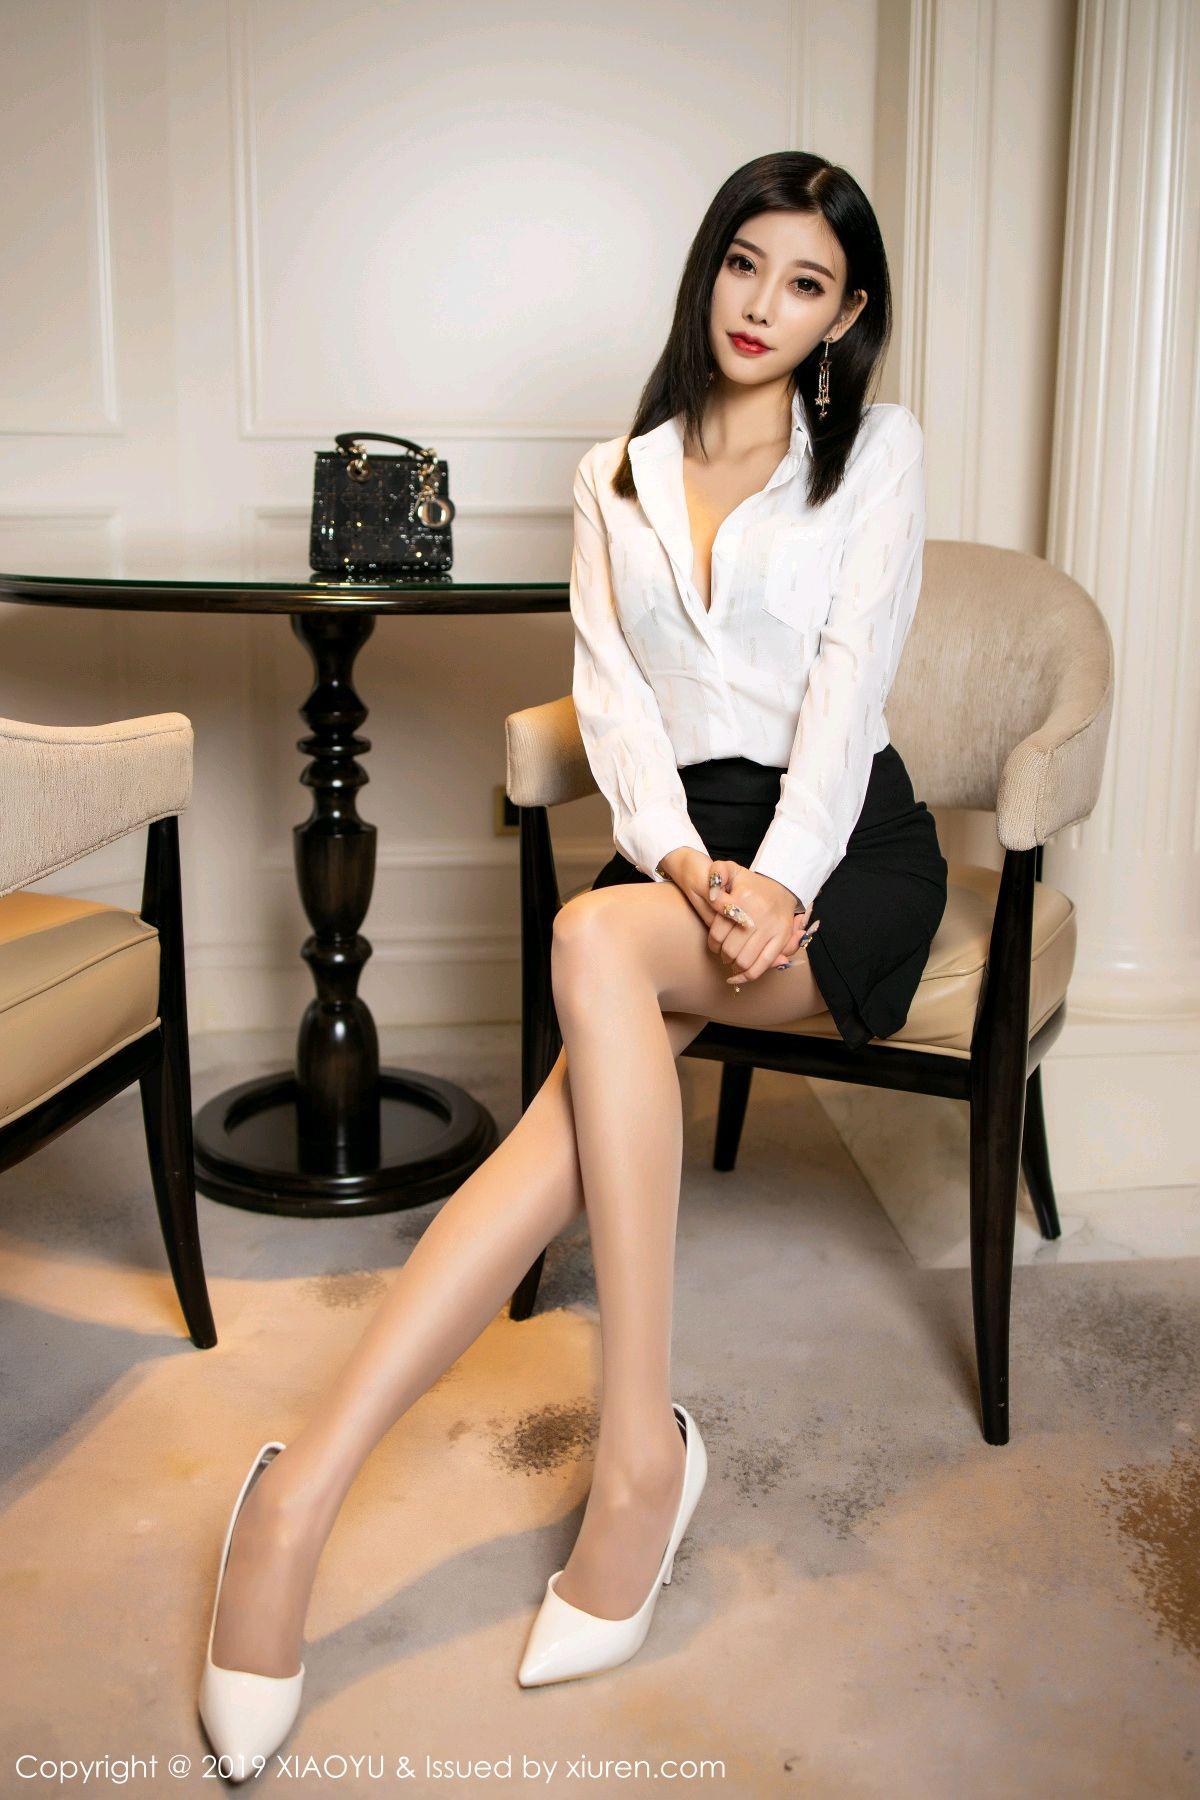 [XiaoYu] Vol.224 Yang Chen Chen 14P, Tall, Underwear, XiaoYu, Yang Chen Chen